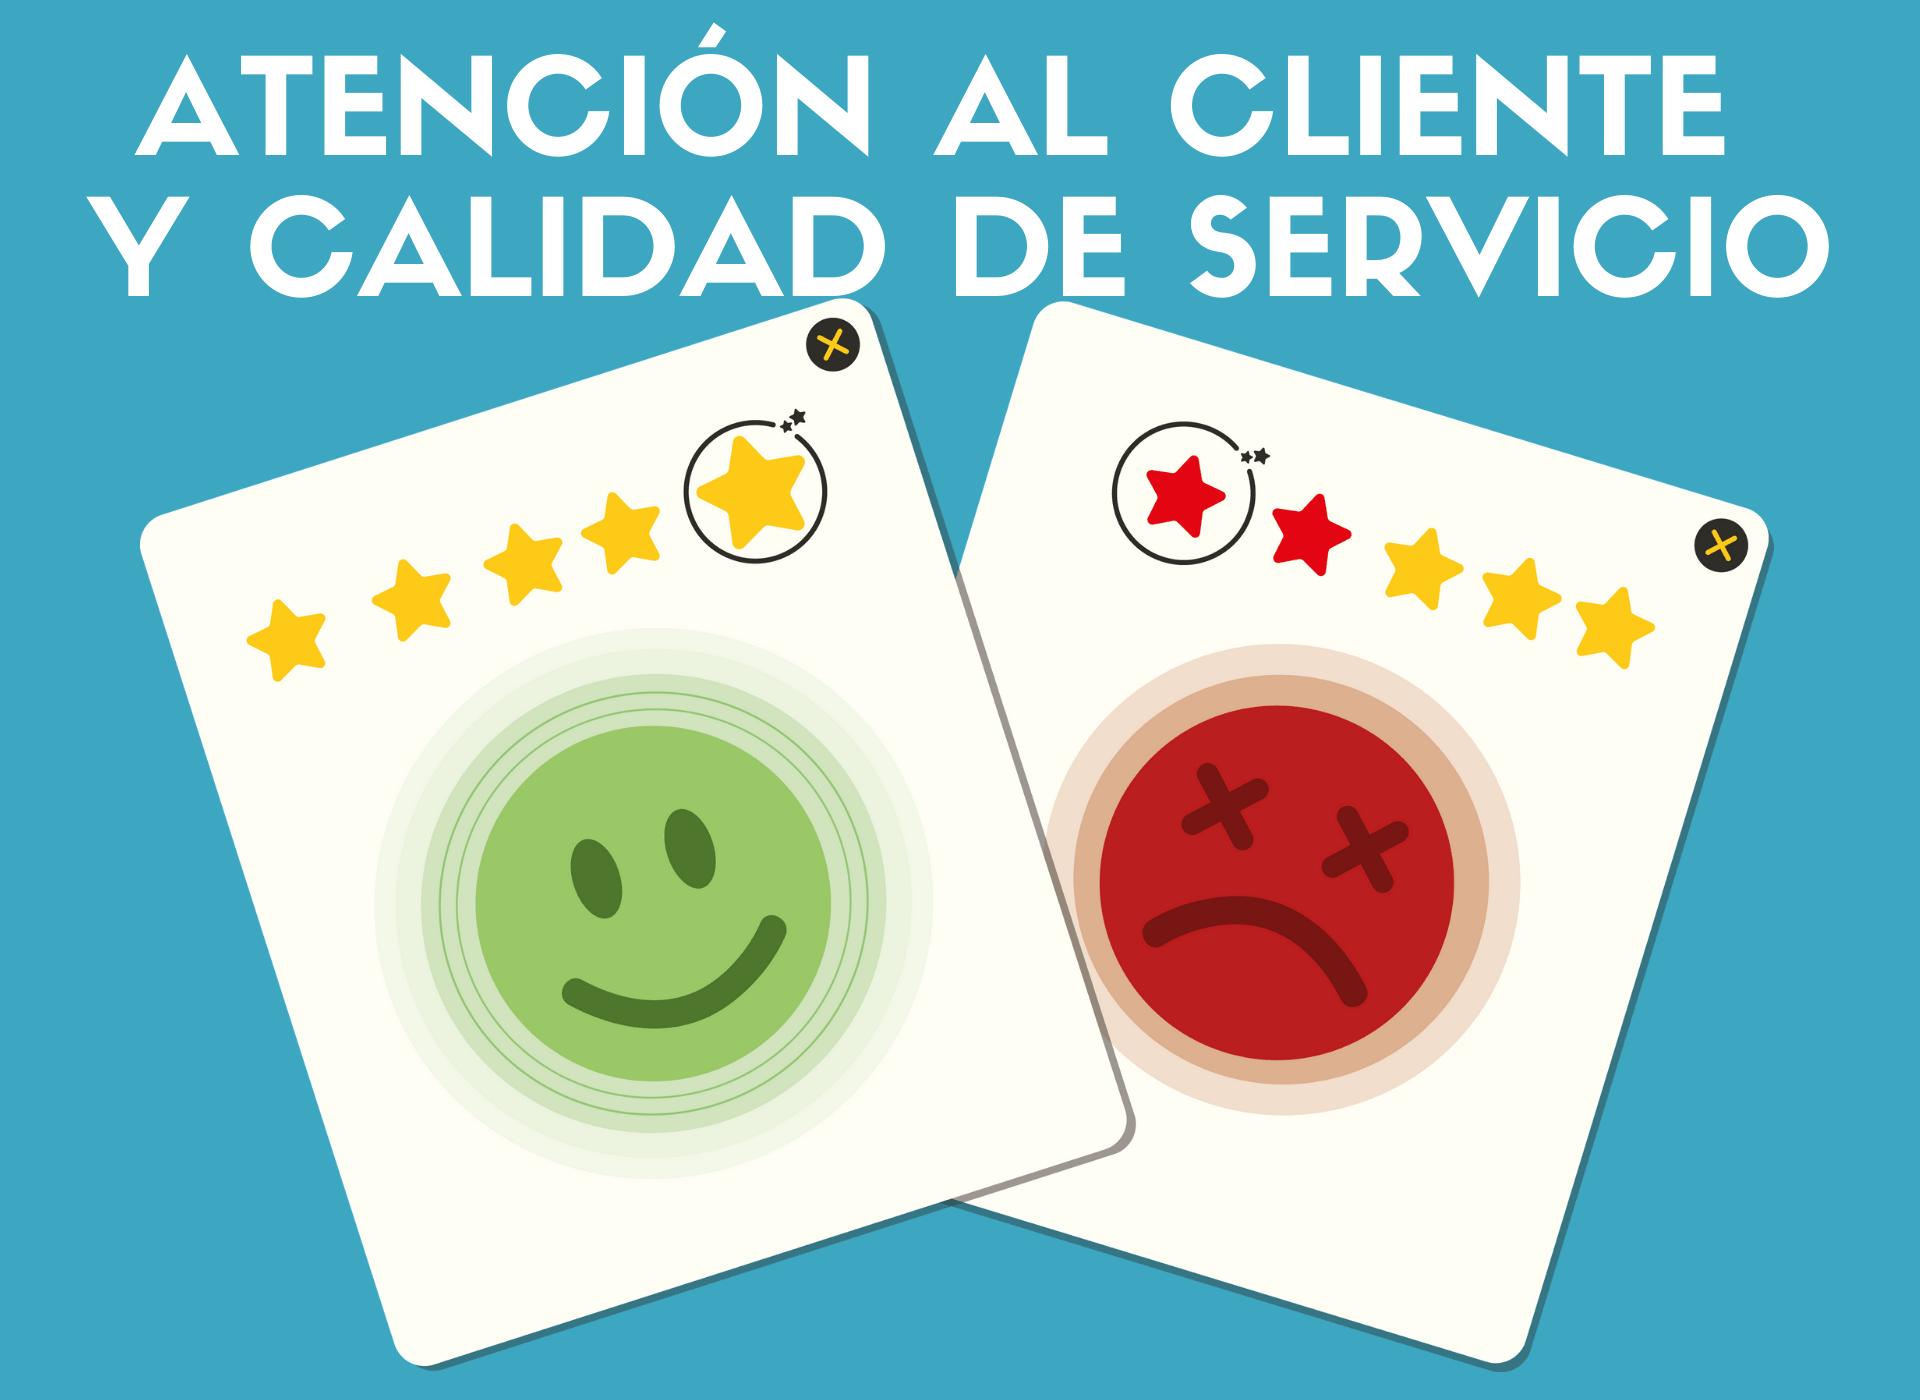 Curso Atención al cliente y calidad de servicio - Capacitación Maracaibo - Caracas - Margarita -Venezuela